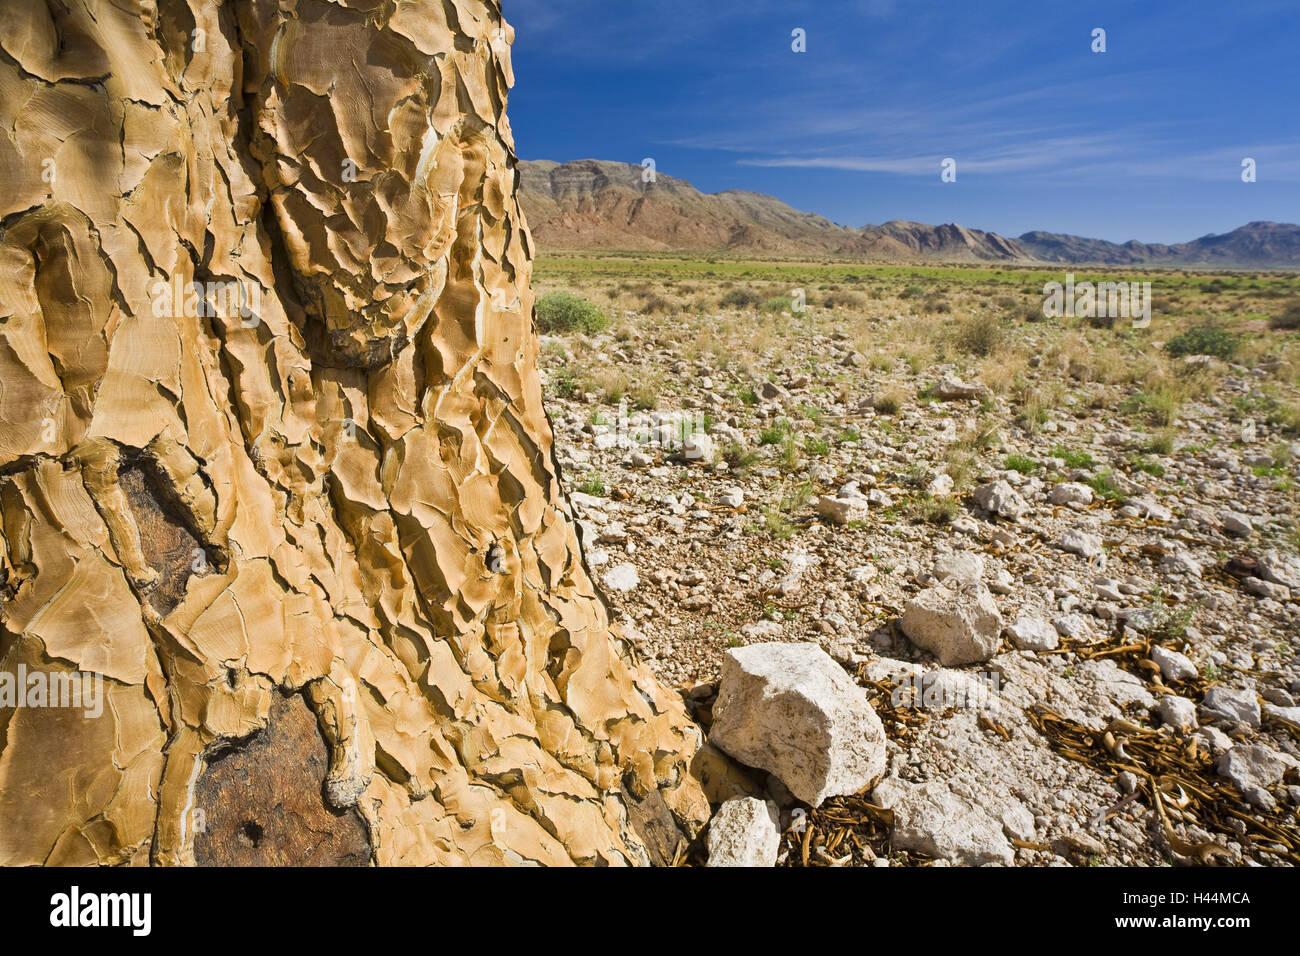 L'Afrique, la Namibie, désert, Quiver Tree, l'aloe dichotoma, détail, souche, Photo Stock